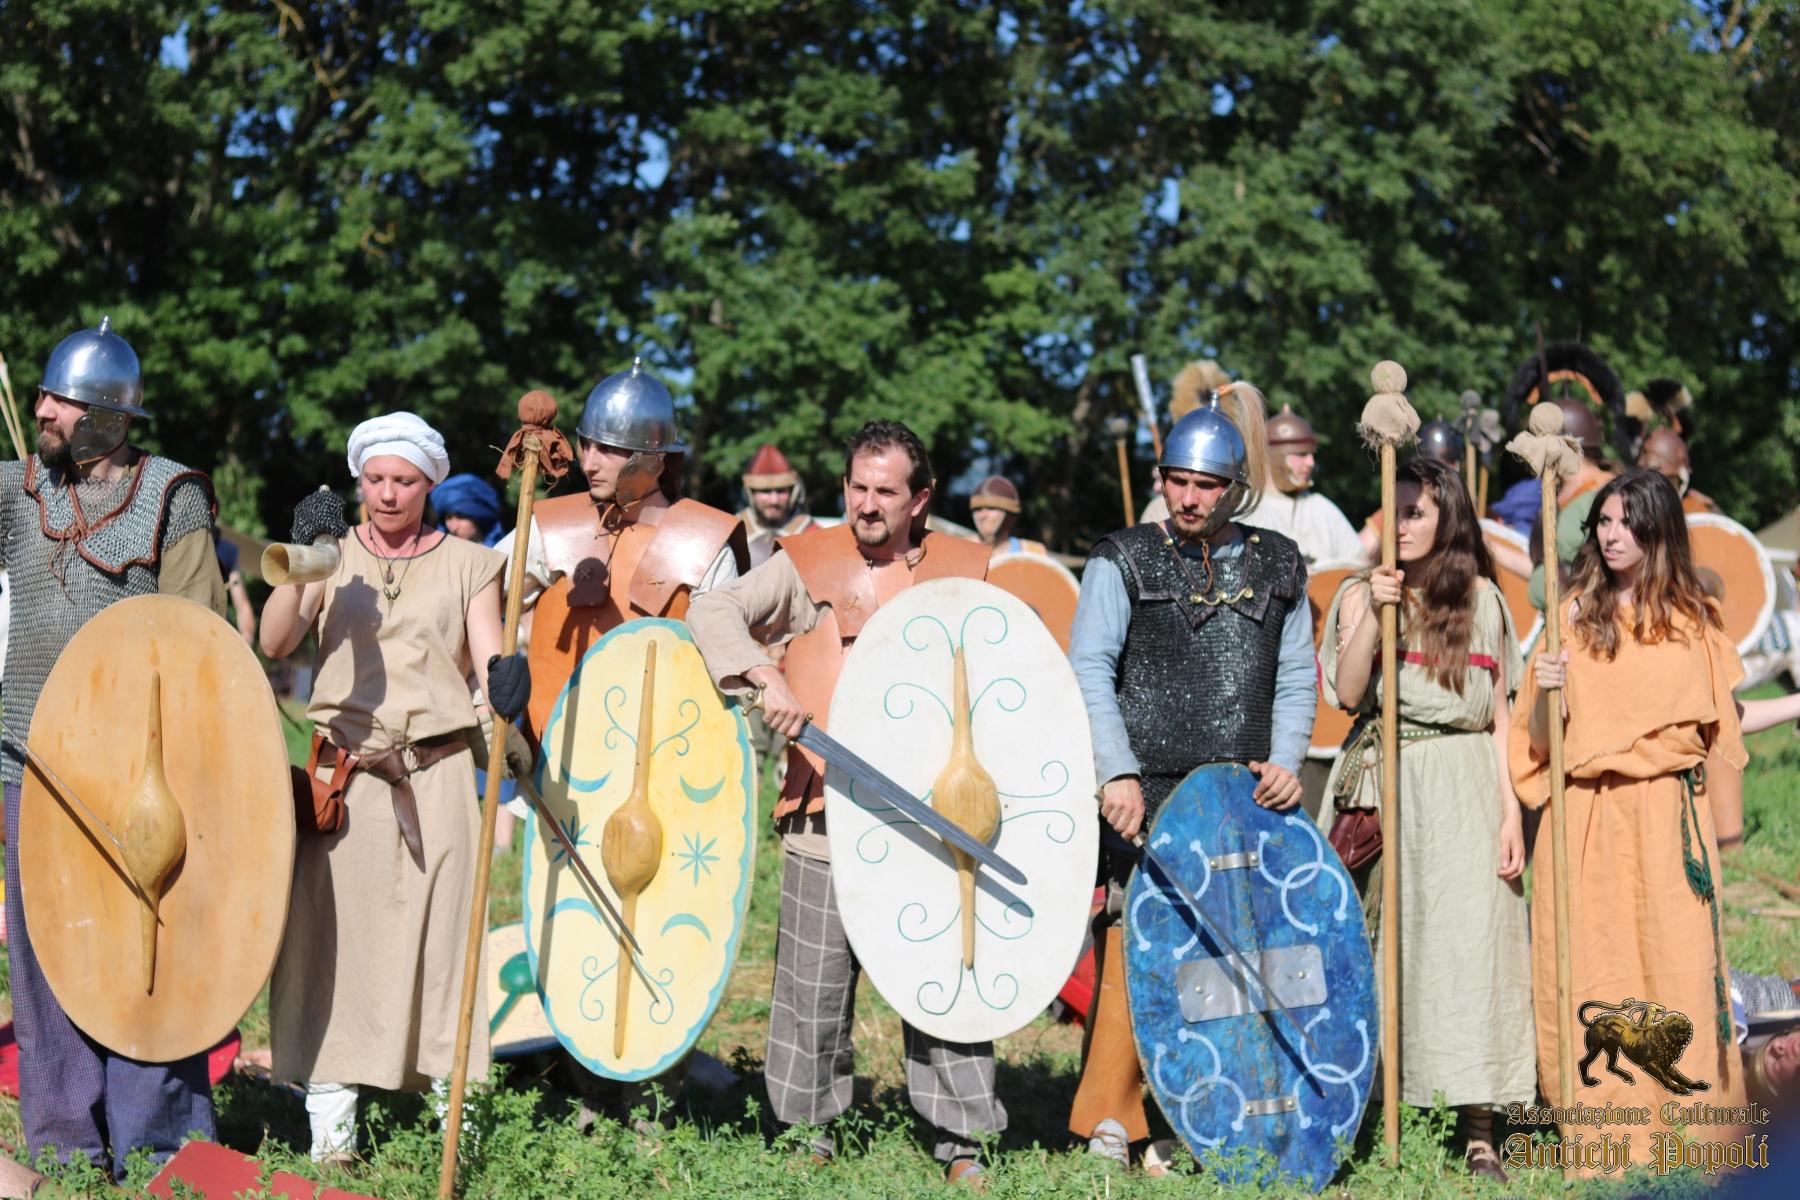 Clan Celtico Il Lupo e la Civetta dell'Associazione Antichi Popoli